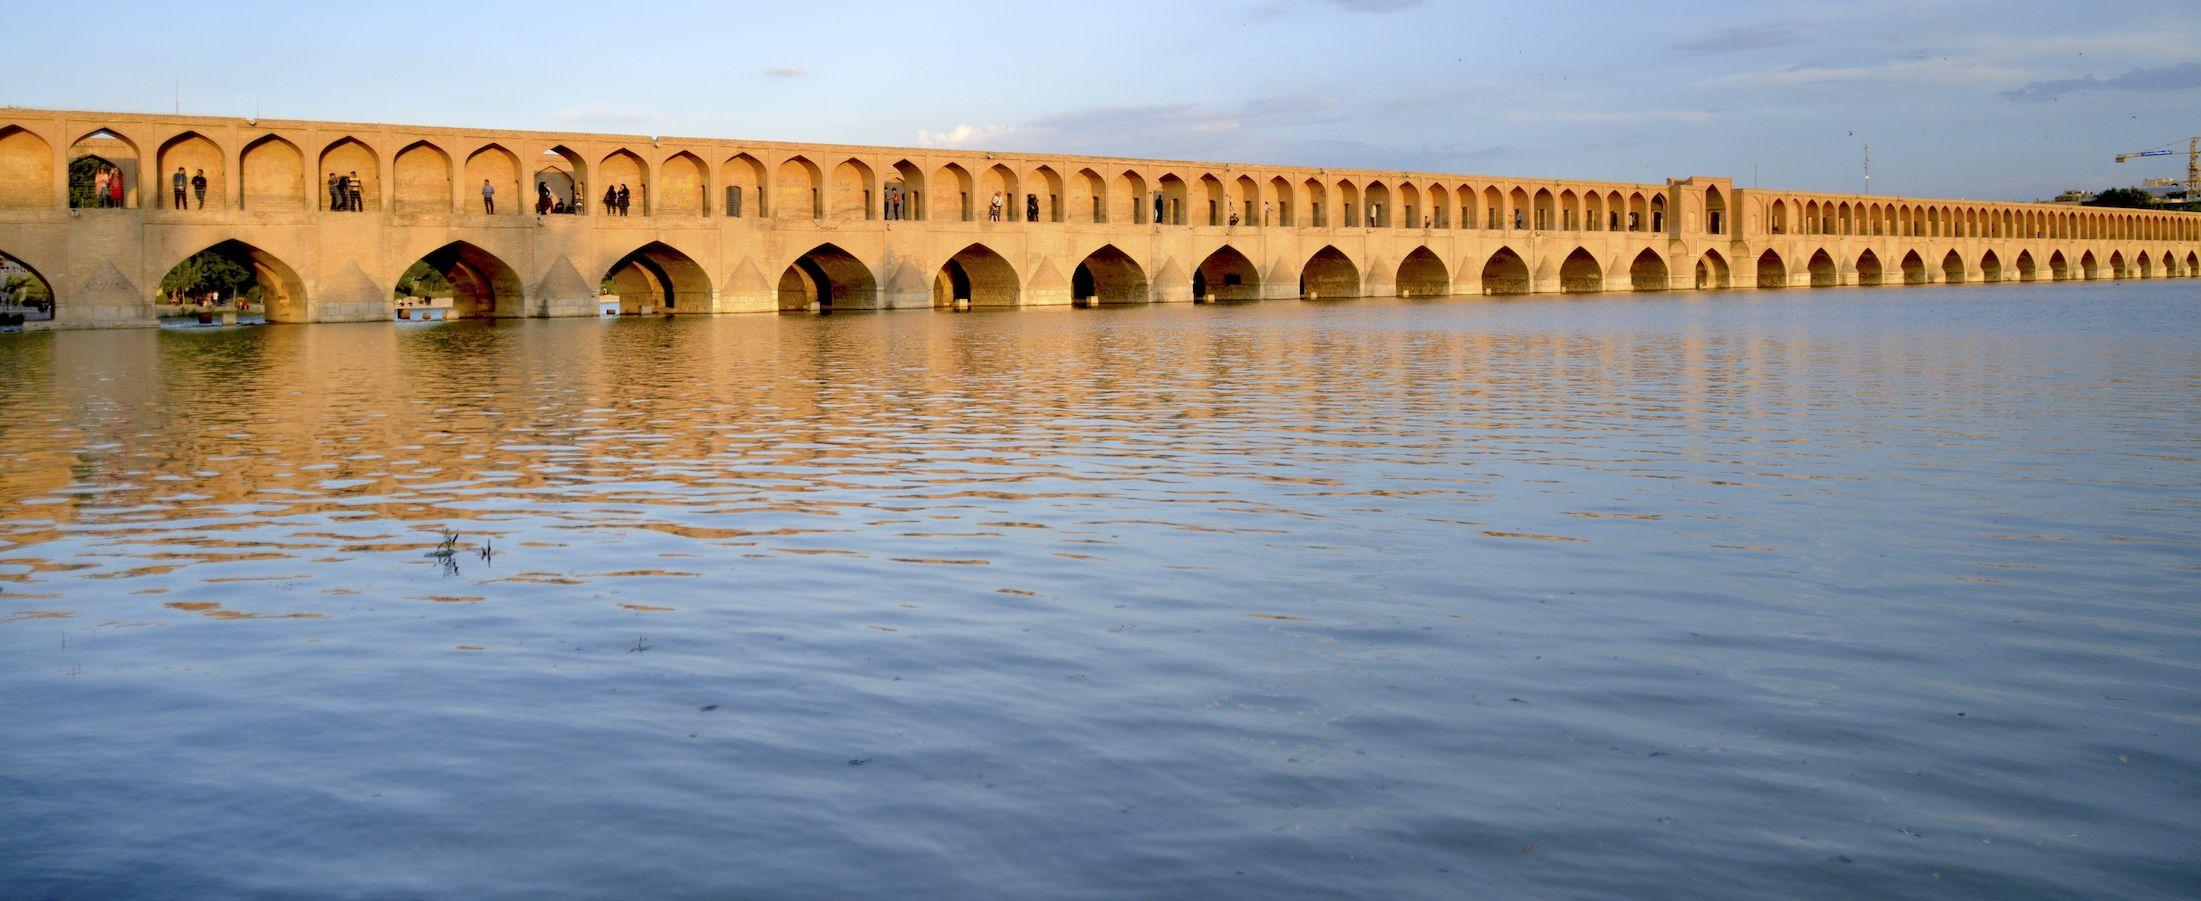 Puente Si-o-se Pol (de los 33 arcos) en Isfahan